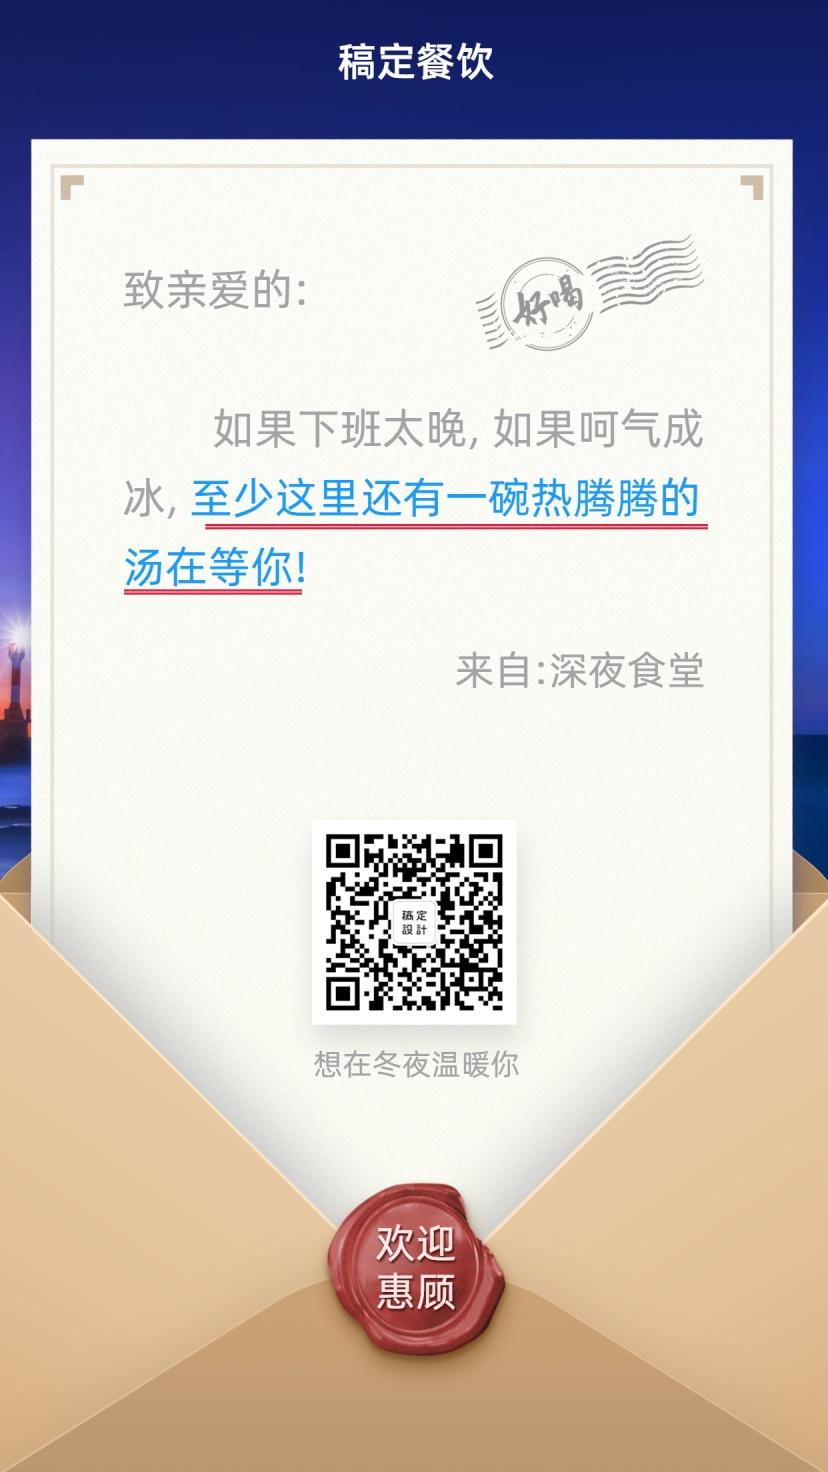 餐饮美食/问候正能量/创意文艺/手机海报